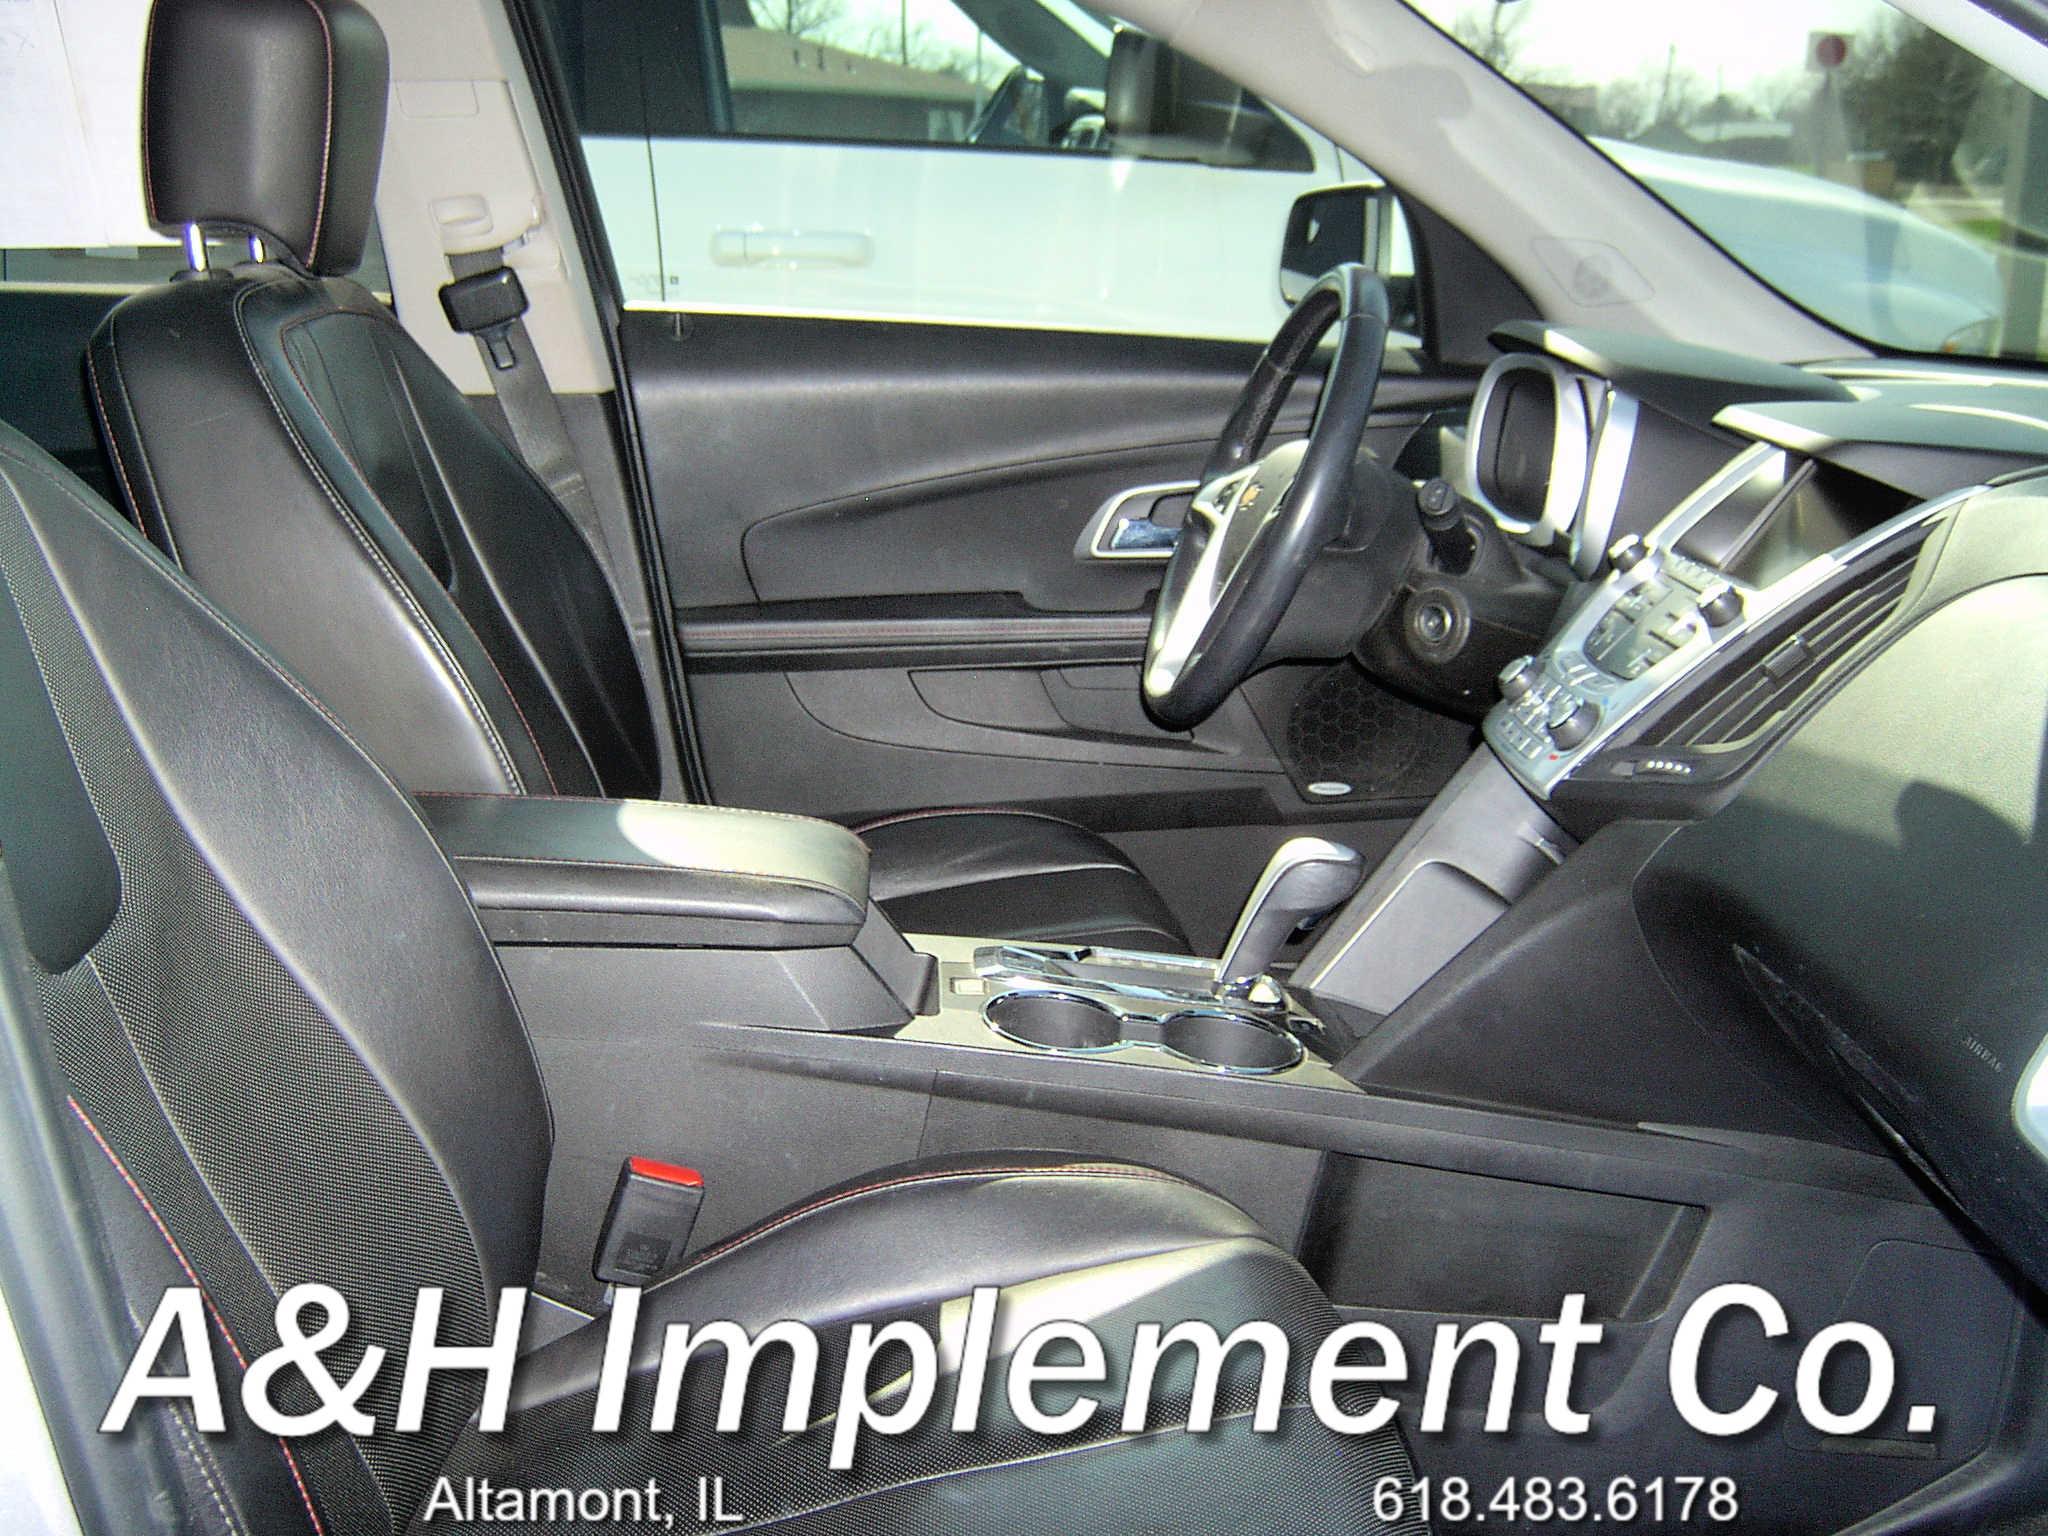 2012 Chevrolet Equinox LT - Silver 4